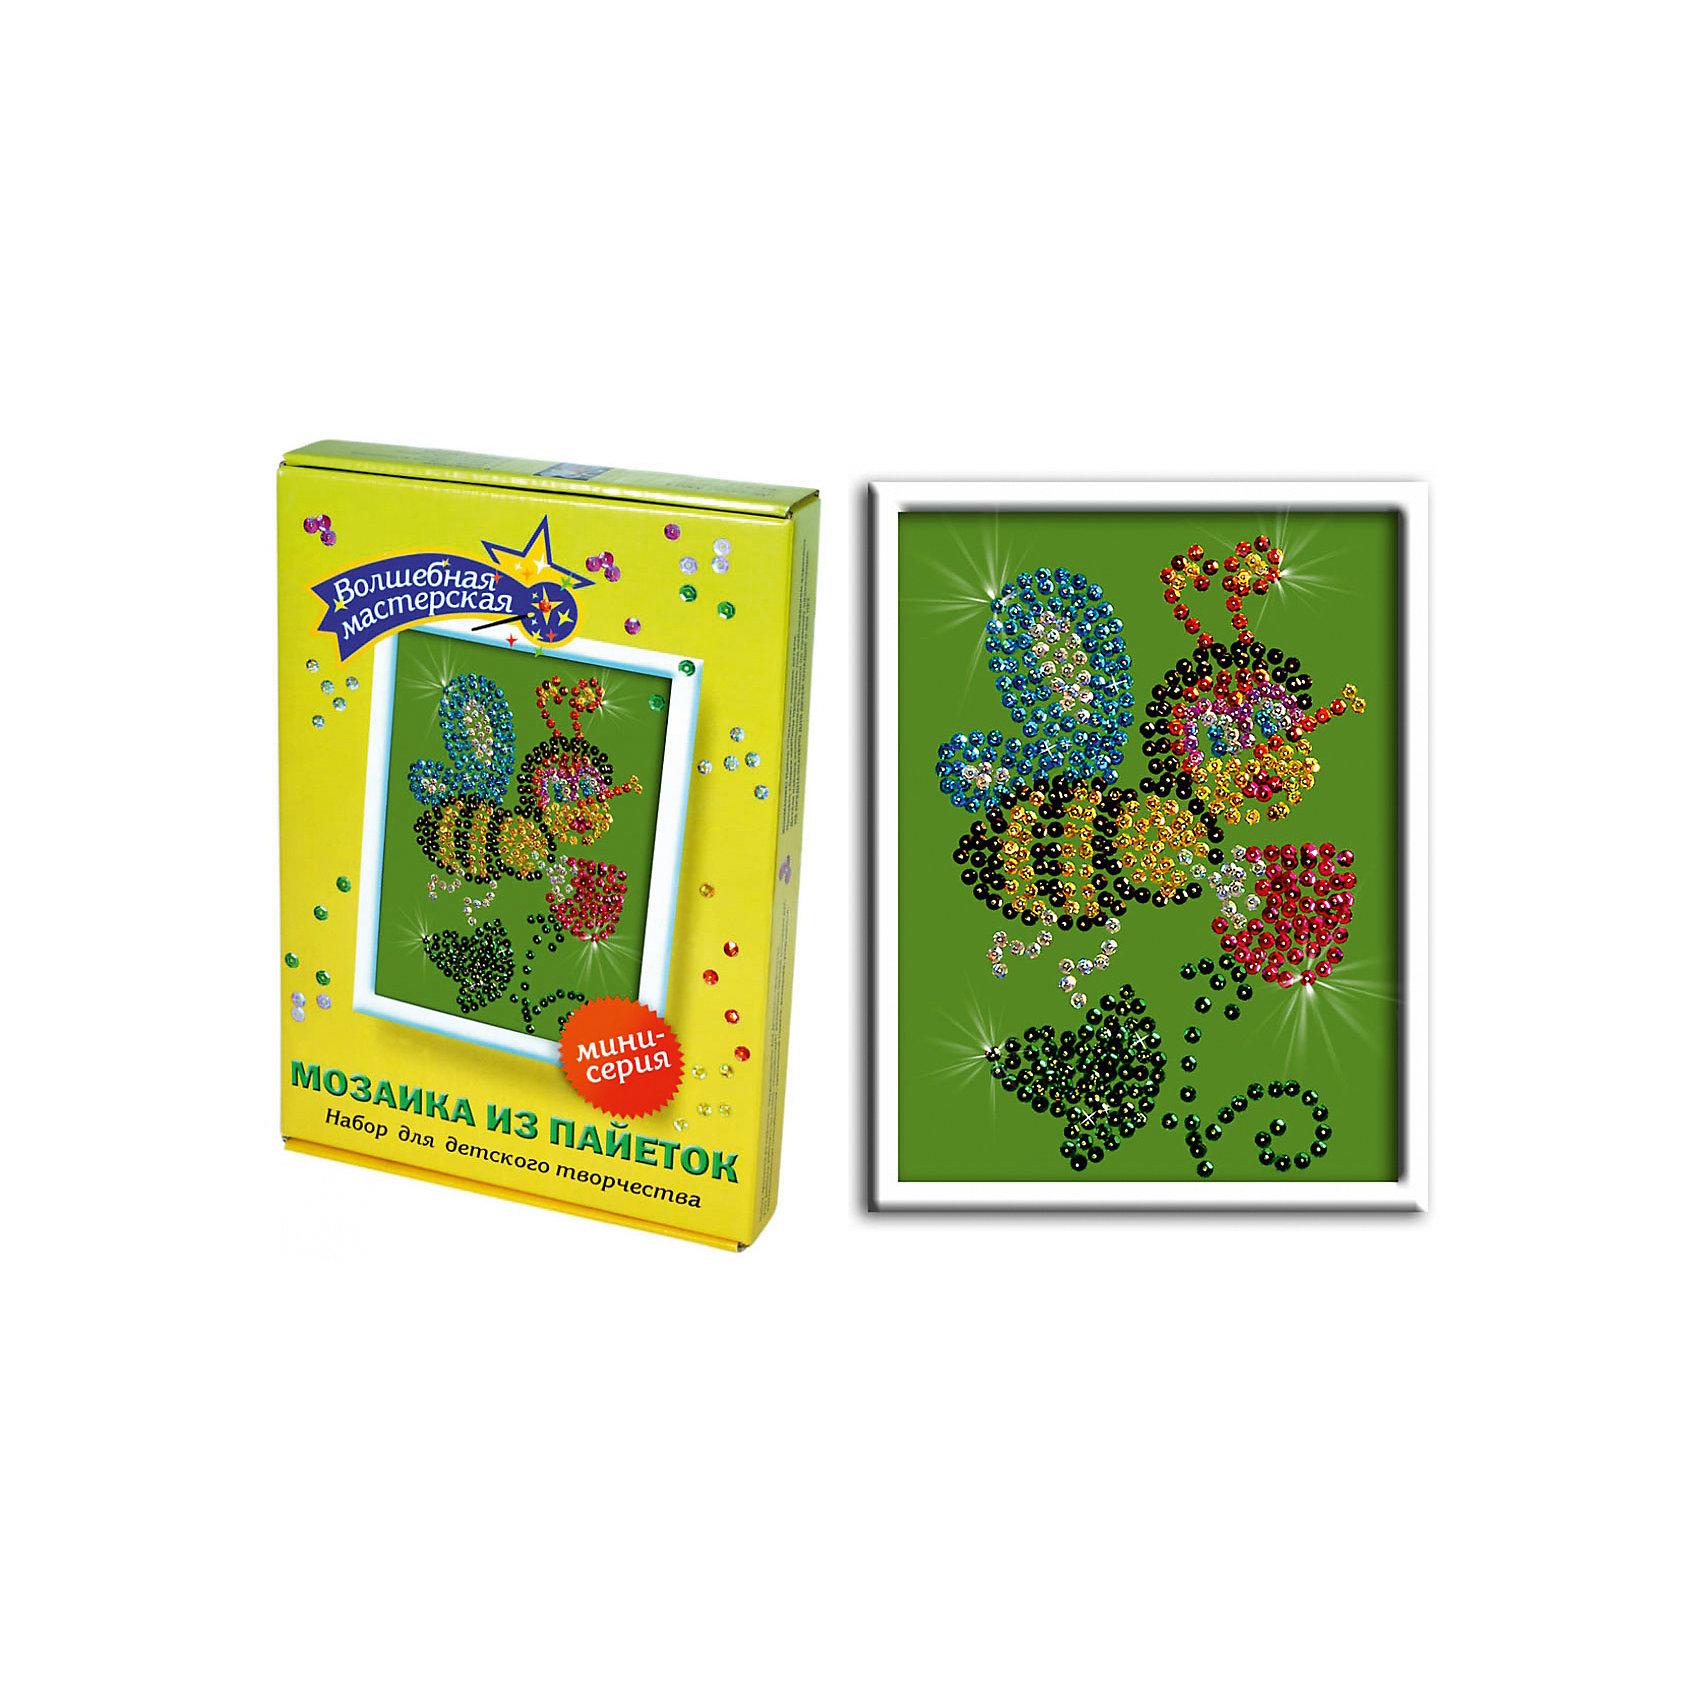 Мозаика из пайеток ПчелкаМозаика детская<br>Набор для детского творчества «Мозайка из пайеток» дарит возможность составить рисунок с бабочкой из пайеток. Пайтеки – это блестка, плоская чешуйка из блестящего материала, обычно круглой или многогранной формы и с отверстием для продевания нитки. Пайетка может иметь различную окраску. <br>Набор способствует развитию фантазии ребенка, мелкой моторики рук. Тренирует усидчивость и терпение, так как приходится работать с достаточно мелкими деталями. Подойдет как для домашних занятий творчеством так и для школьных.<br><br>Ширина мм: 375<br>Глубина мм: 34<br>Высота мм: 277<br>Вес г: 164<br>Возраст от месяцев: 36<br>Возраст до месяцев: 108<br>Пол: Унисекс<br>Возраст: Детский<br>SKU: 5075372